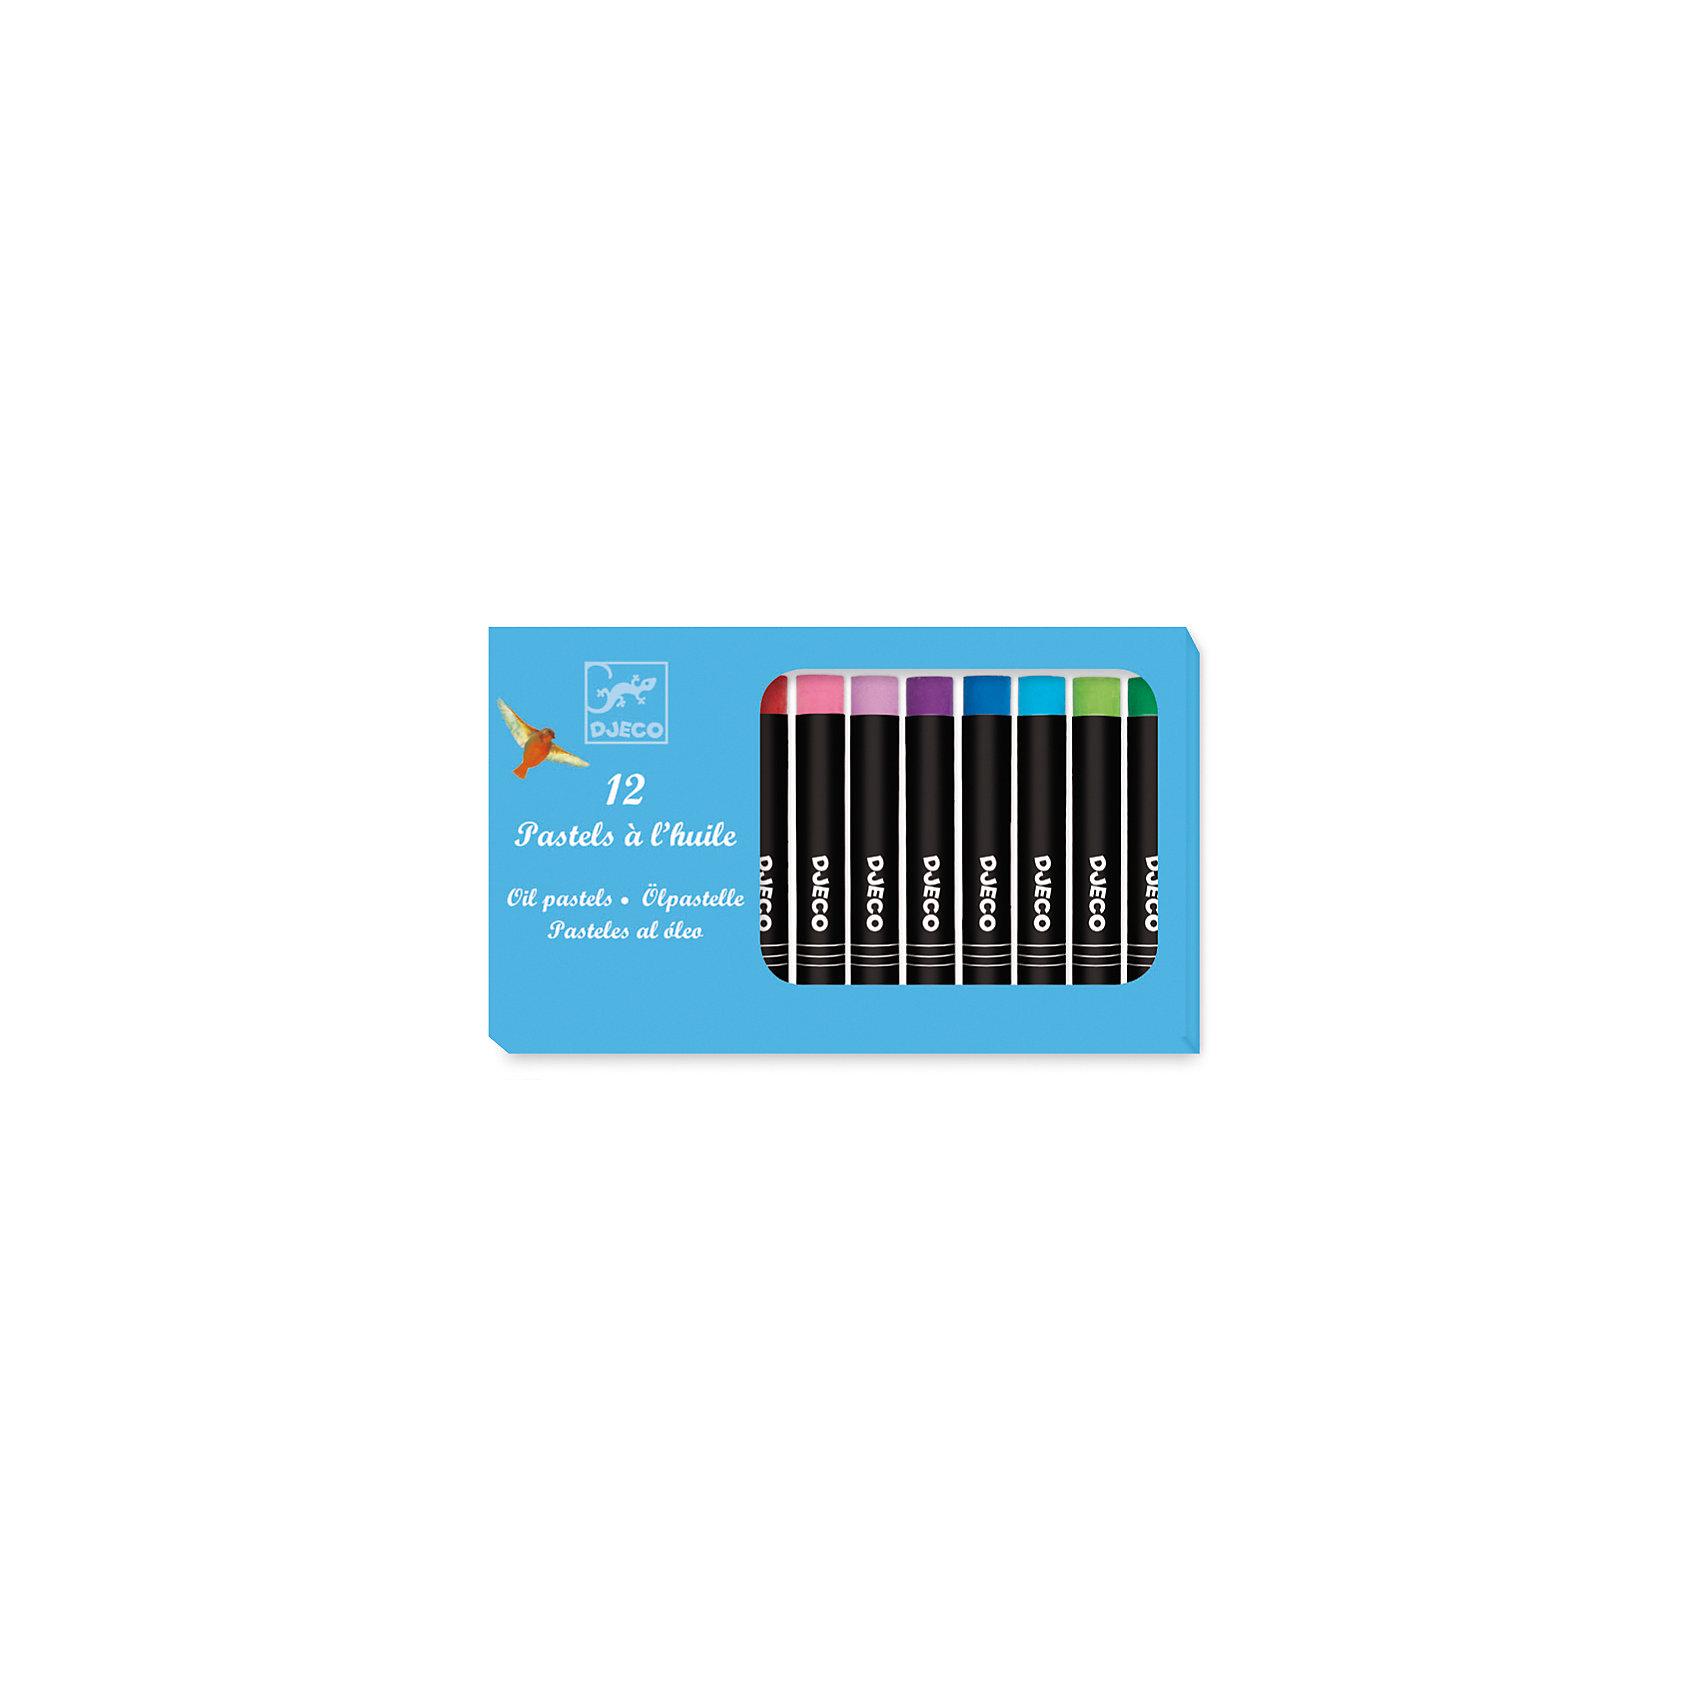 Набор пастельных карандашей, 12 классических цветов, DJECOРисование<br>Характеристики пастельных карандашей:<br><br>• возраст: от 3 лет<br>• пол: универсальный<br>• тип: карандаши<br>• материал: масляная пастель<br>• размер упаковки: 16.5 х 9.5 х 1.5 см.<br>• упаковка: картонная коробка.<br>• бренд: Djeco<br>• страна обладатель бренда: Франция.<br><br>Набор пастельных карандашей классических цветов от французского производителя Djeco (Джеко)- прекрасный подарок для творческих детей, которые так любят рисовать! В наборе ребенок найдет 12 разноцветных карандашей из масляной пастели. Пастельные карандаши от Djeco (Джеко) очень мягкие и прекрасно скользят по бумаге. Цвета очень сочные и не выцветают со временем. <br><br>Создавать яркие картины вдвойне интереснее качественными пастельными карандашами от Djeco. Рисование развивает познавательные способности, тренируются зрительные и моторные навыки, память, воображение. Через рисунок ребенок учится выражать свои желания и настроения. Пастельные карандаши изготовлены из высококачественных безопасных для ребенка материалов. <br><br>Набор пастельных карандашей от торговой марки Djeco (Джеко) можно купить в нашем интернет-магазине.<br><br>Ширина мм: 165<br>Глубина мм: 95<br>Высота мм: 150<br>Вес г: 300<br>Возраст от месяцев: 72<br>Возраст до месяцев: 2147483647<br>Пол: Унисекс<br>Возраст: Детский<br>SKU: 5448828